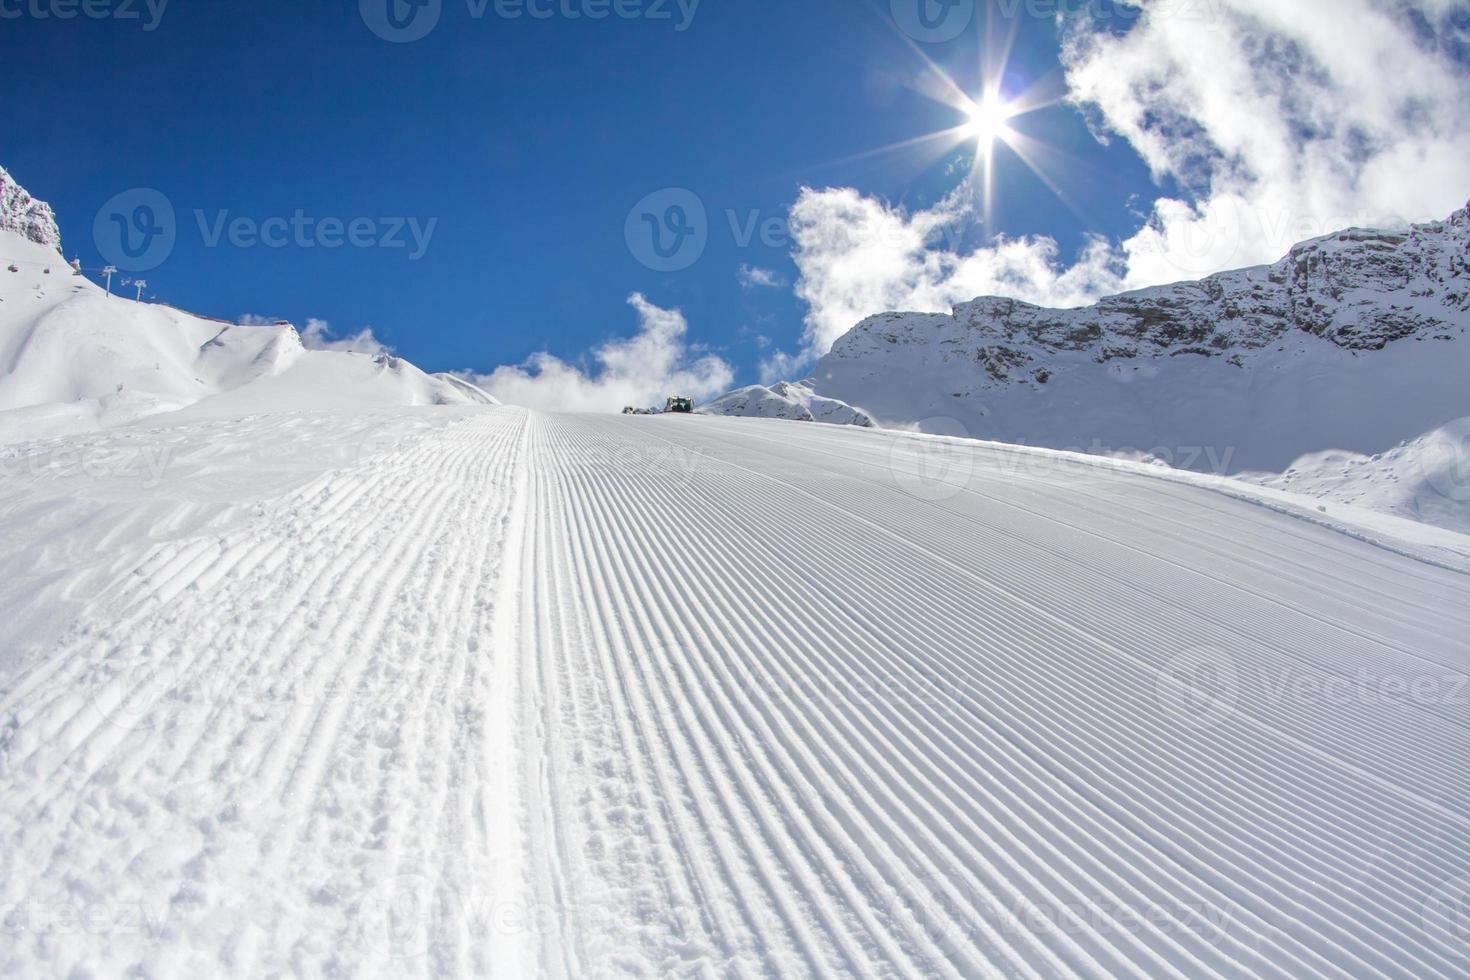 pista de esquí perfectamente arreglada foto